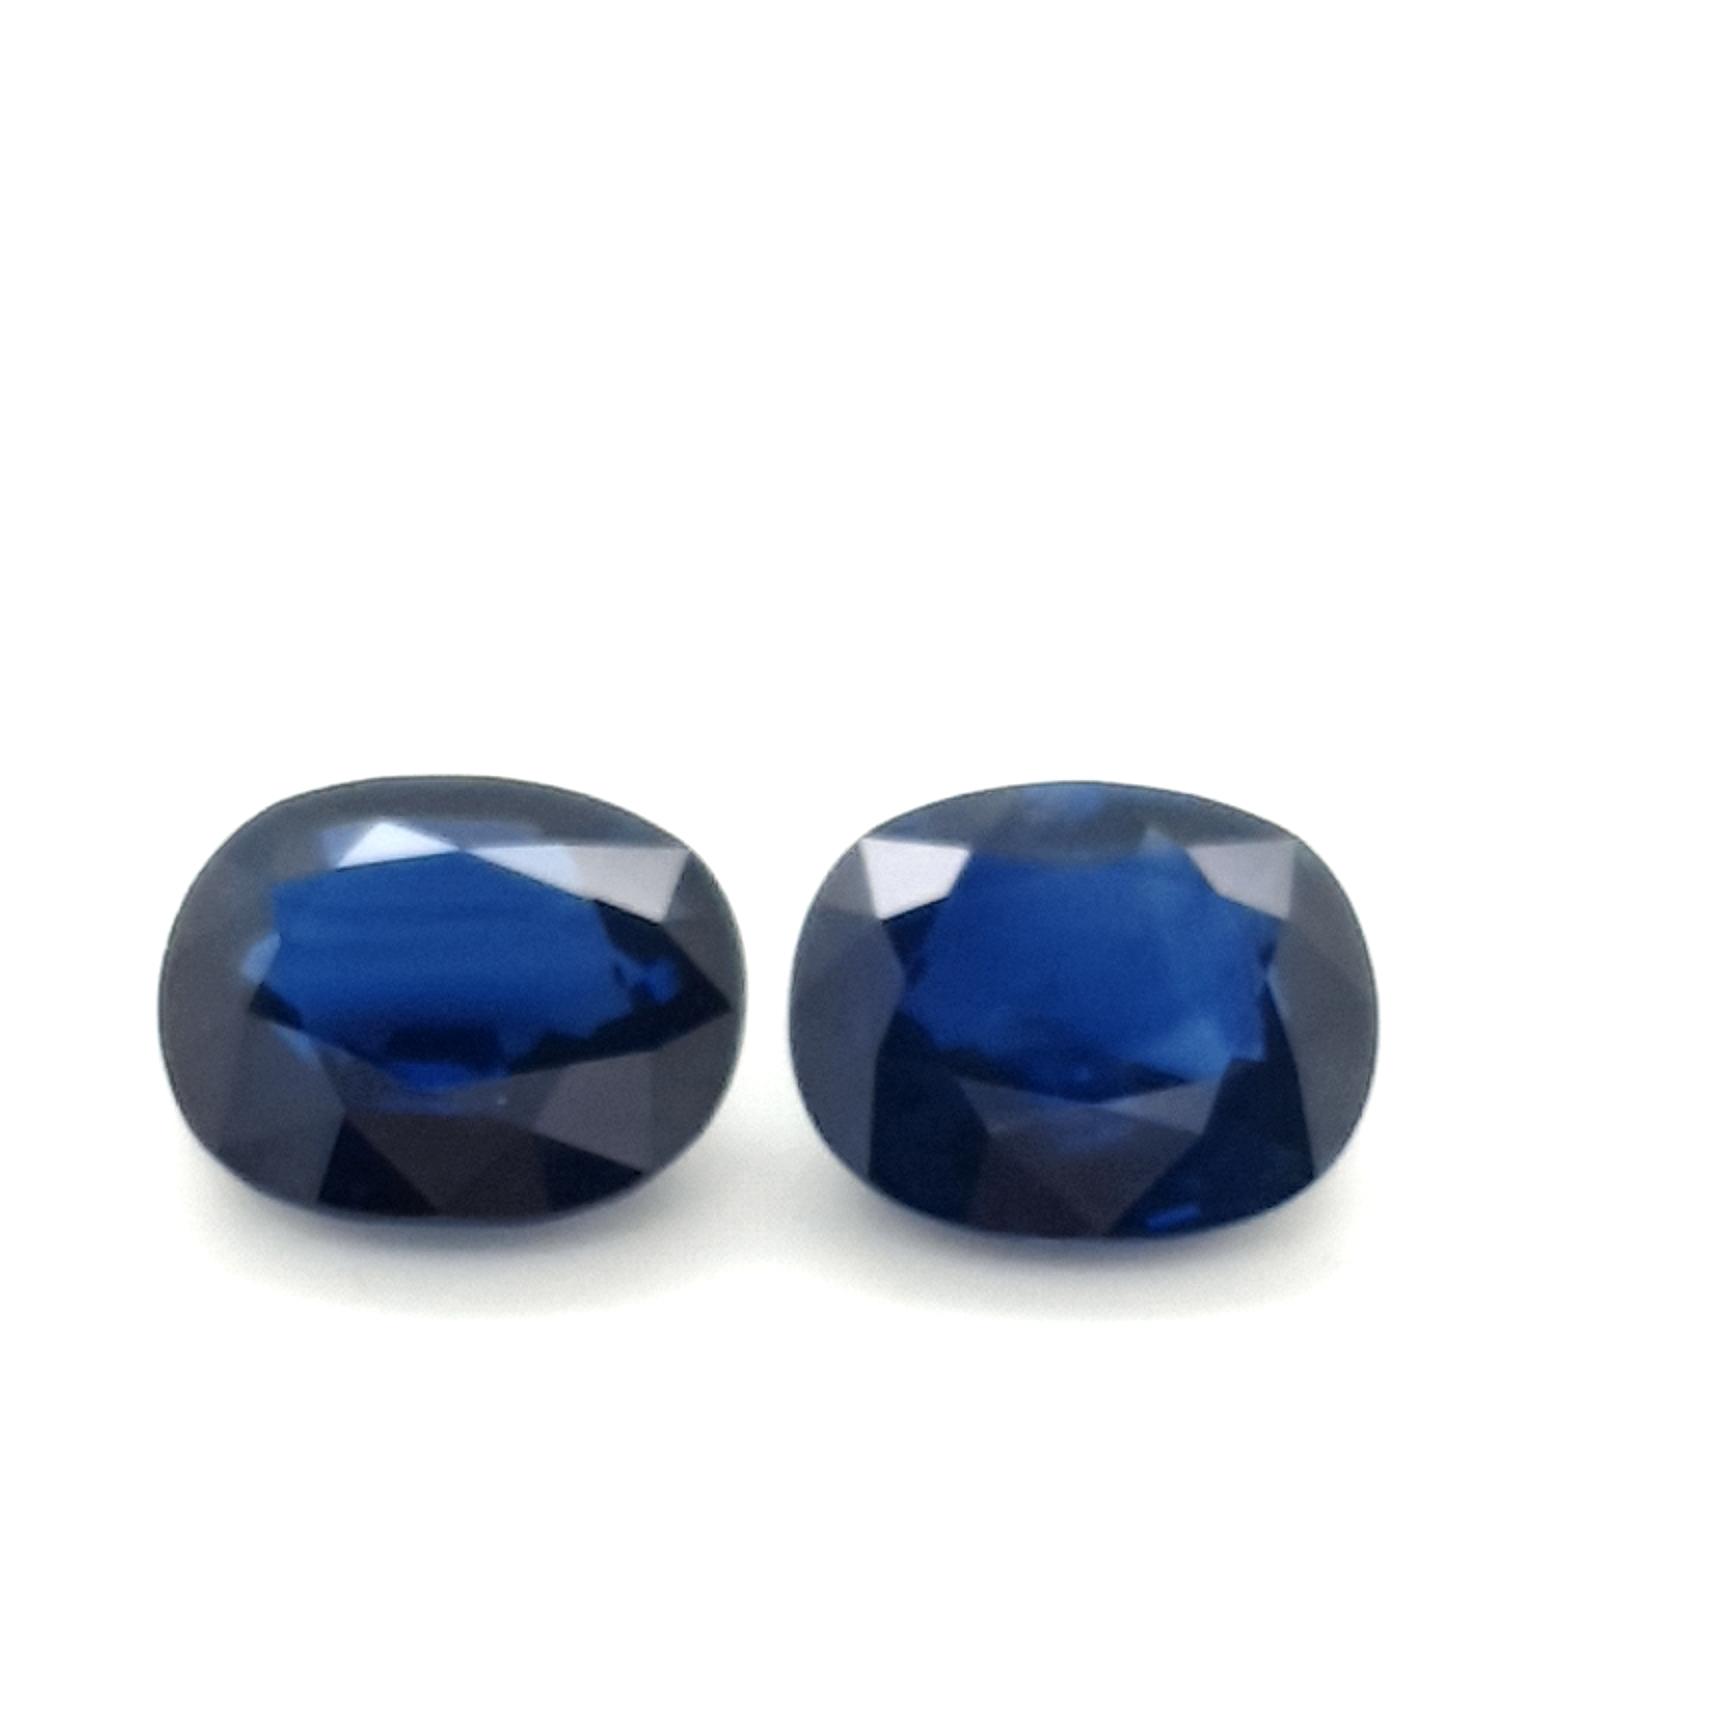 11,71ct. Pair Sapphire Siam SAK14D24 ClaudiaHamann__2021-06-02-19-16-02